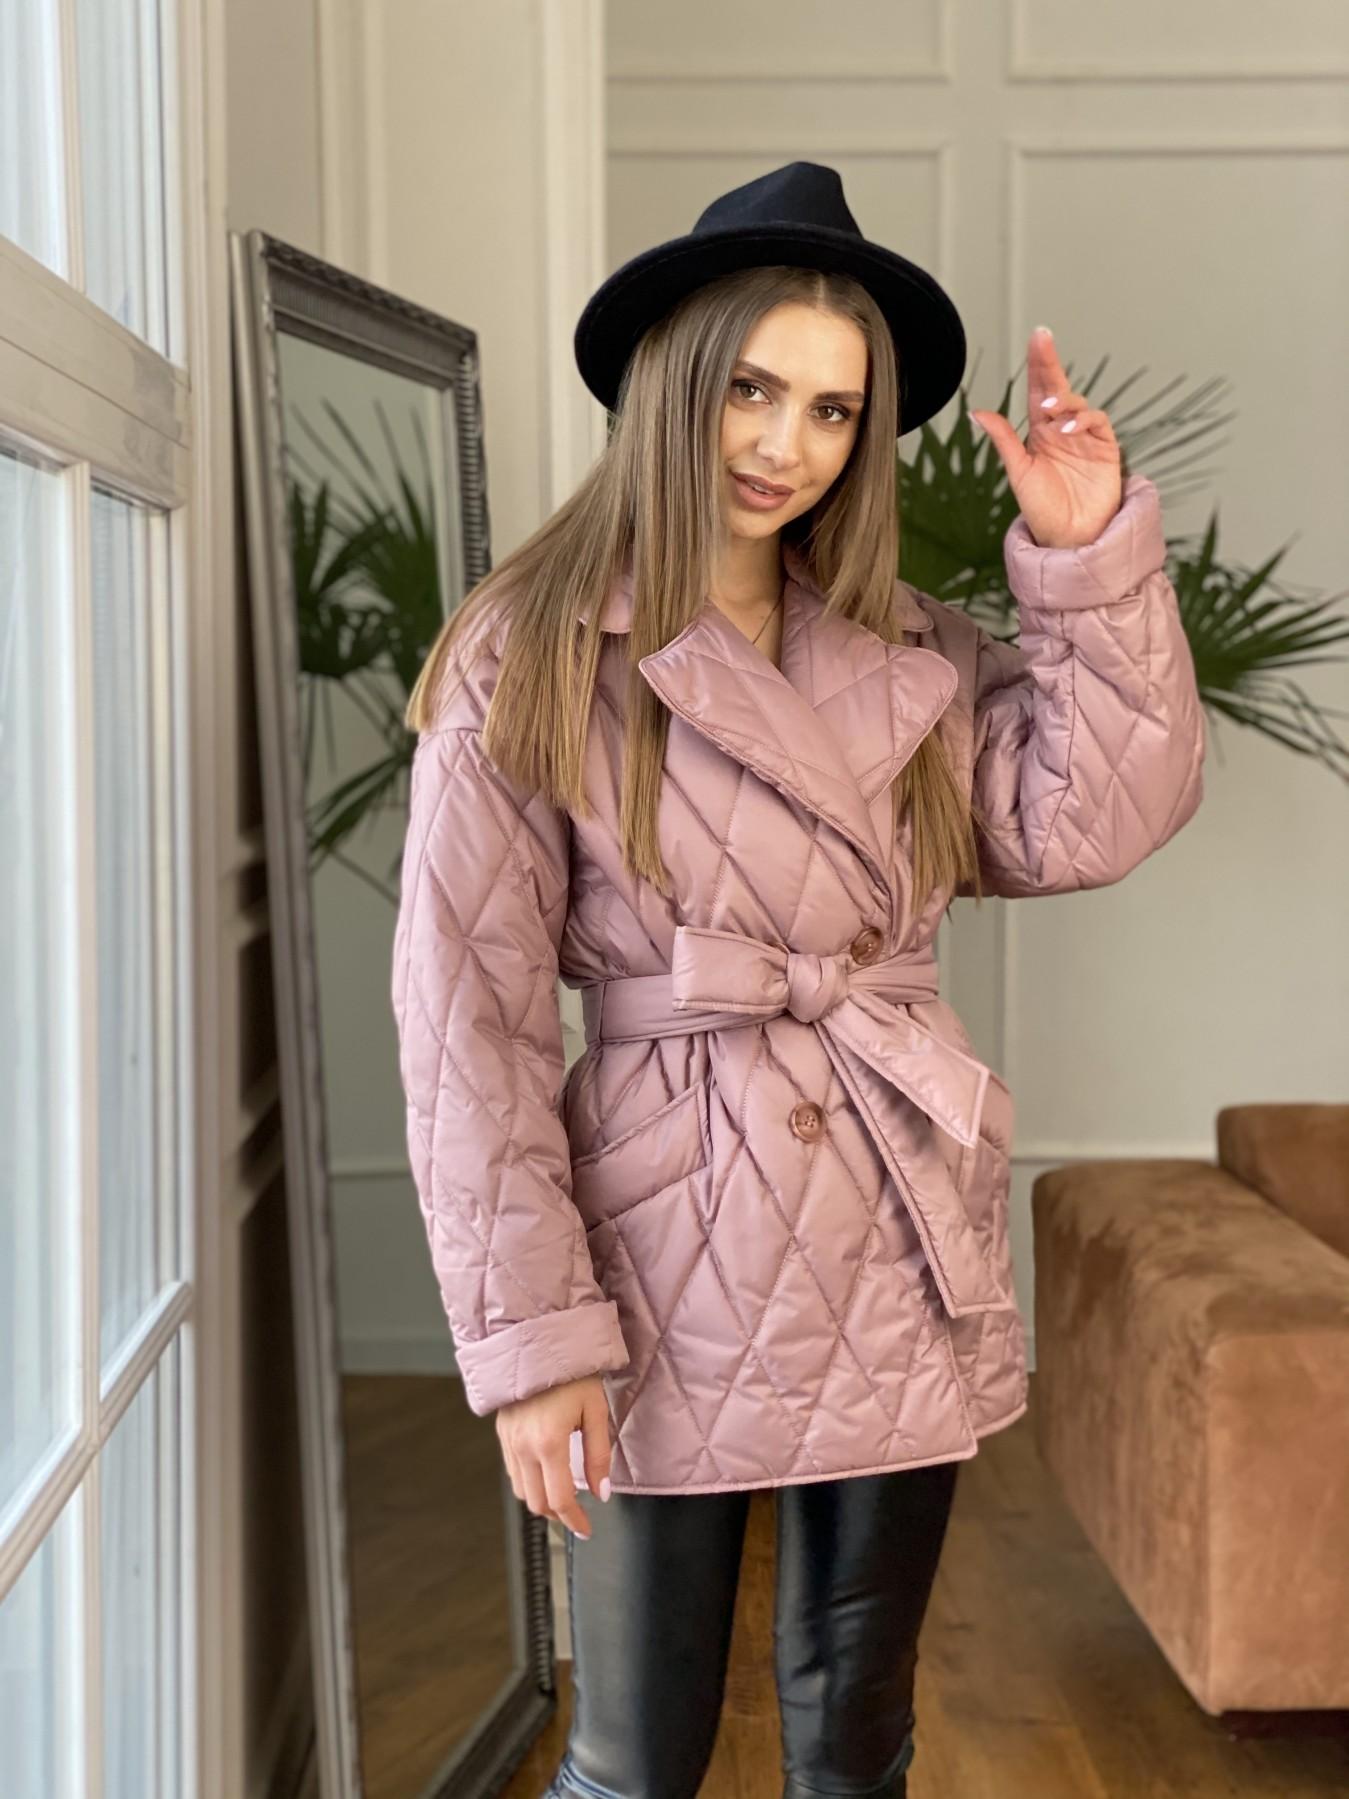 Норд куртка из плащевой ткани стеганая 10883 АРТ. 47465 Цвет: Пудра - фото 2, интернет магазин tm-modus.ru